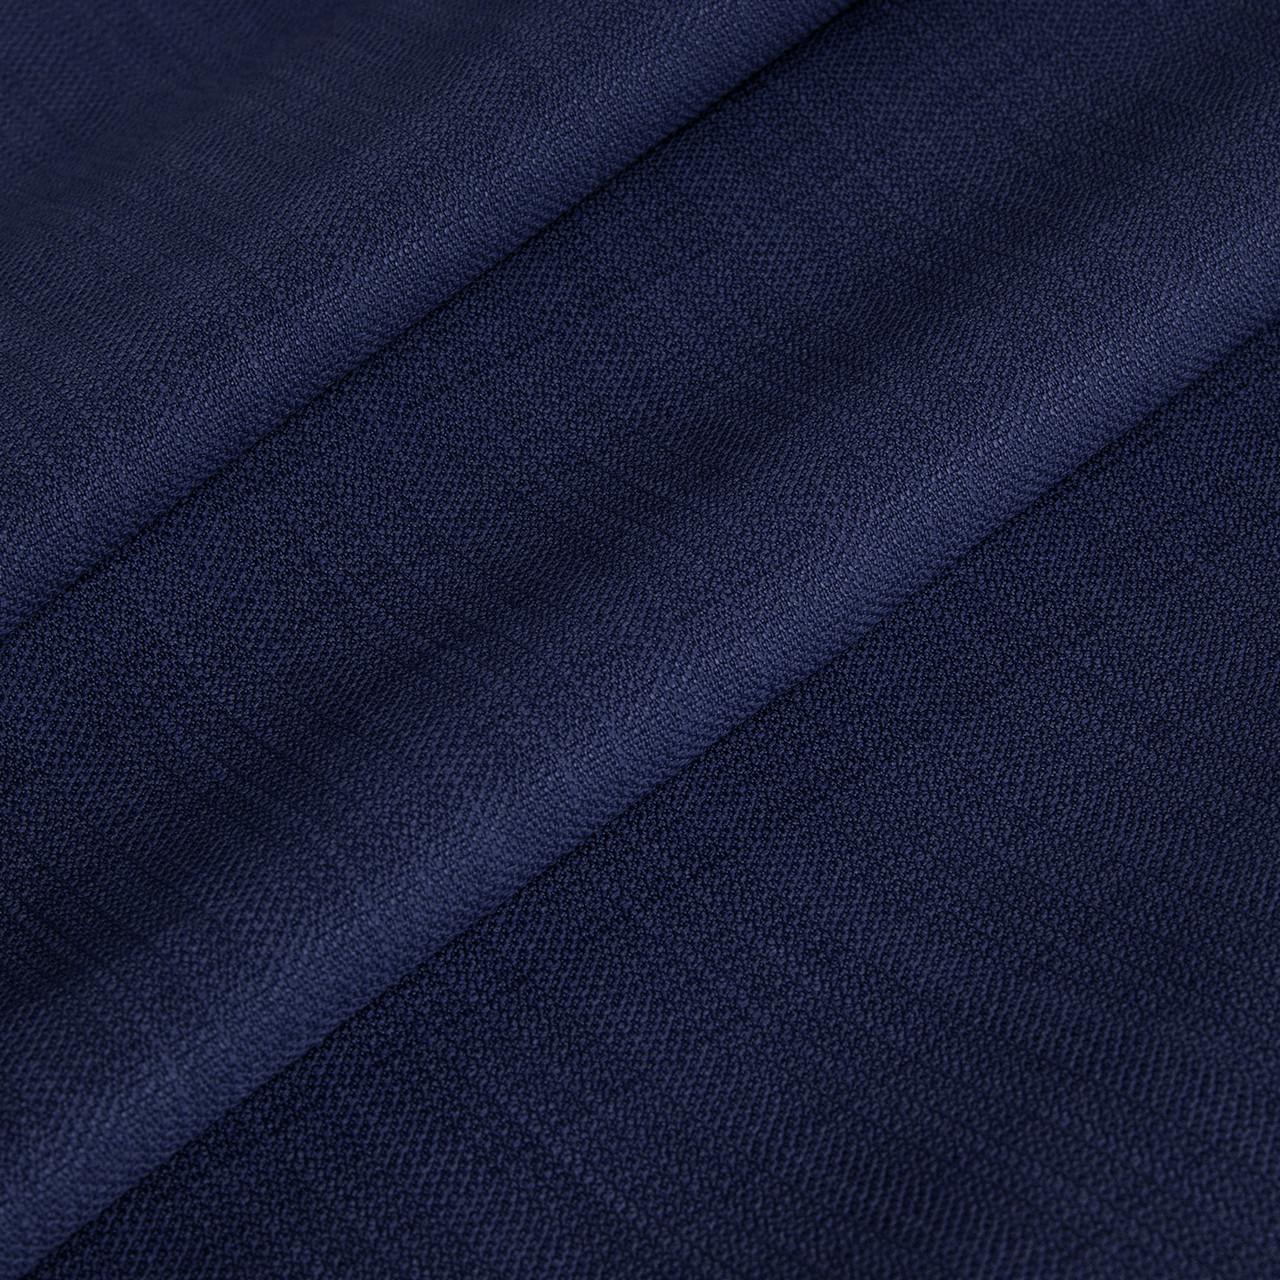 Фактурная рогожка однотонная синяя 280см 87823v15